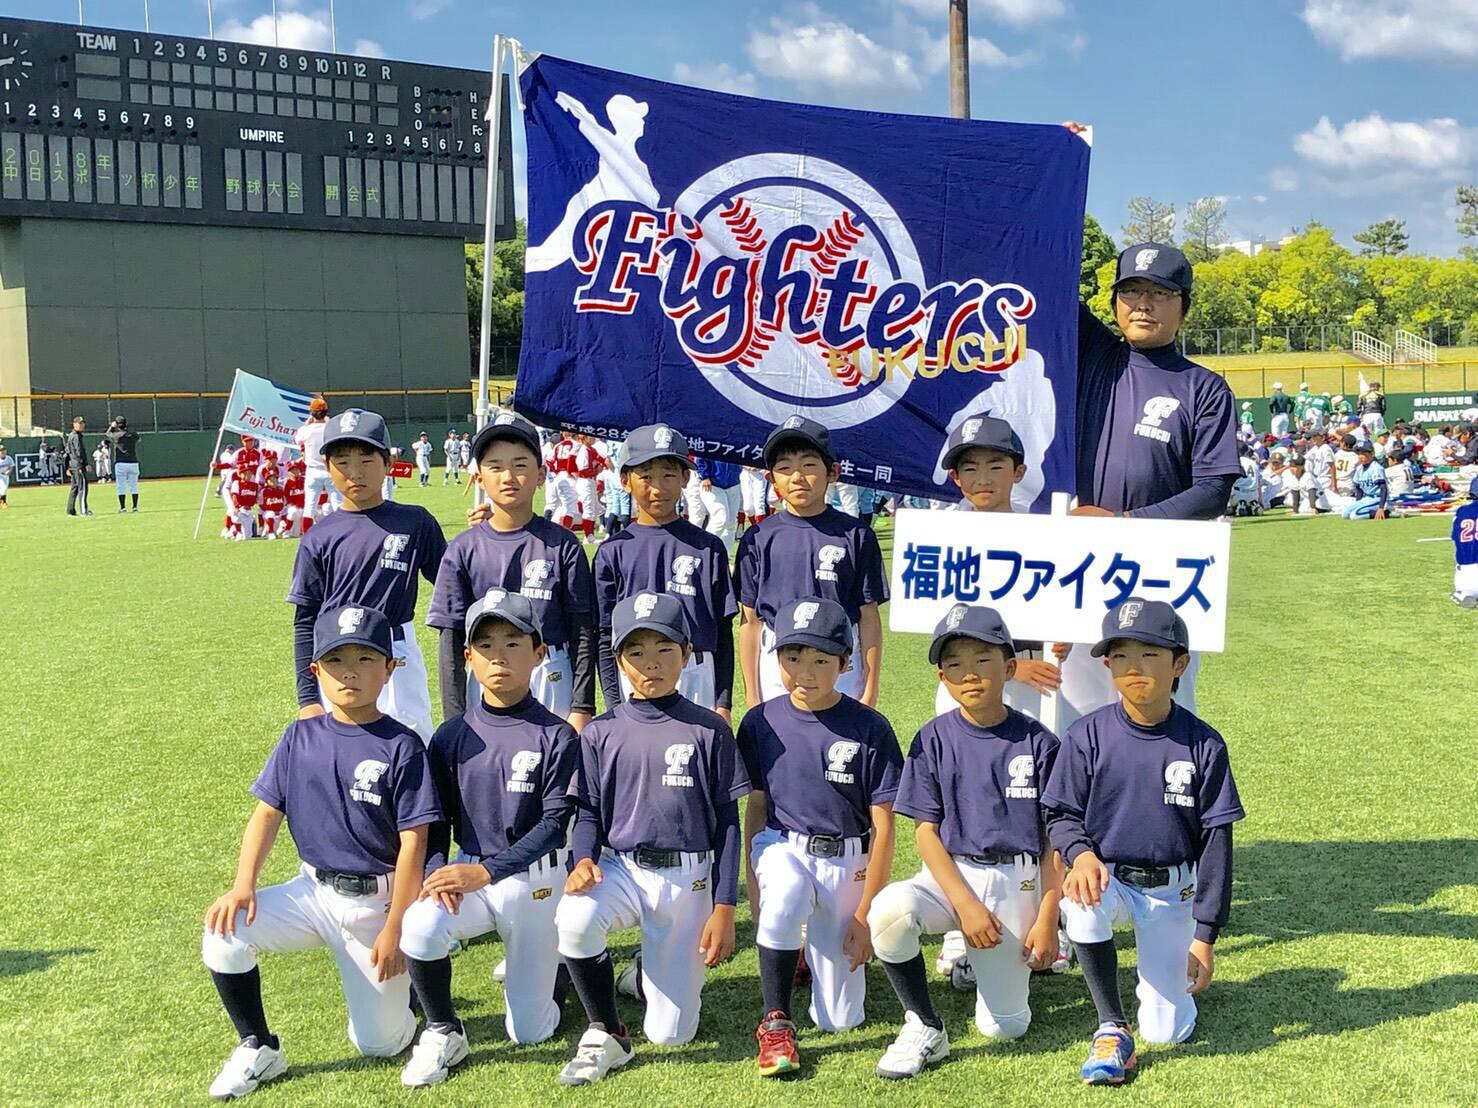 中日スポーツ開会式 5-4